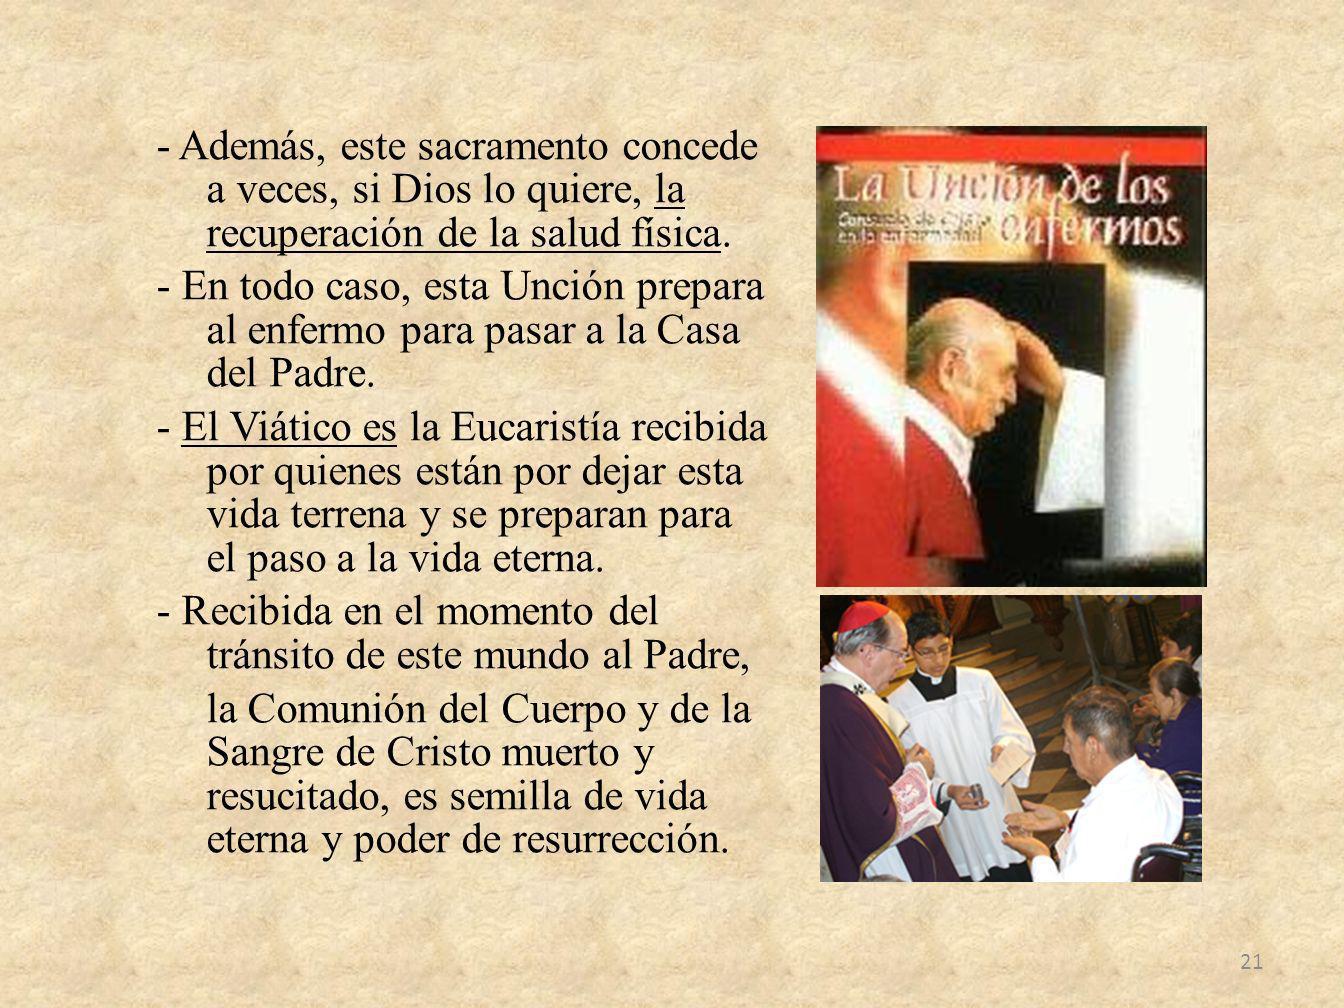 - Además, este sacramento concede a veces, si Dios lo quiere, la recuperación de la salud física.